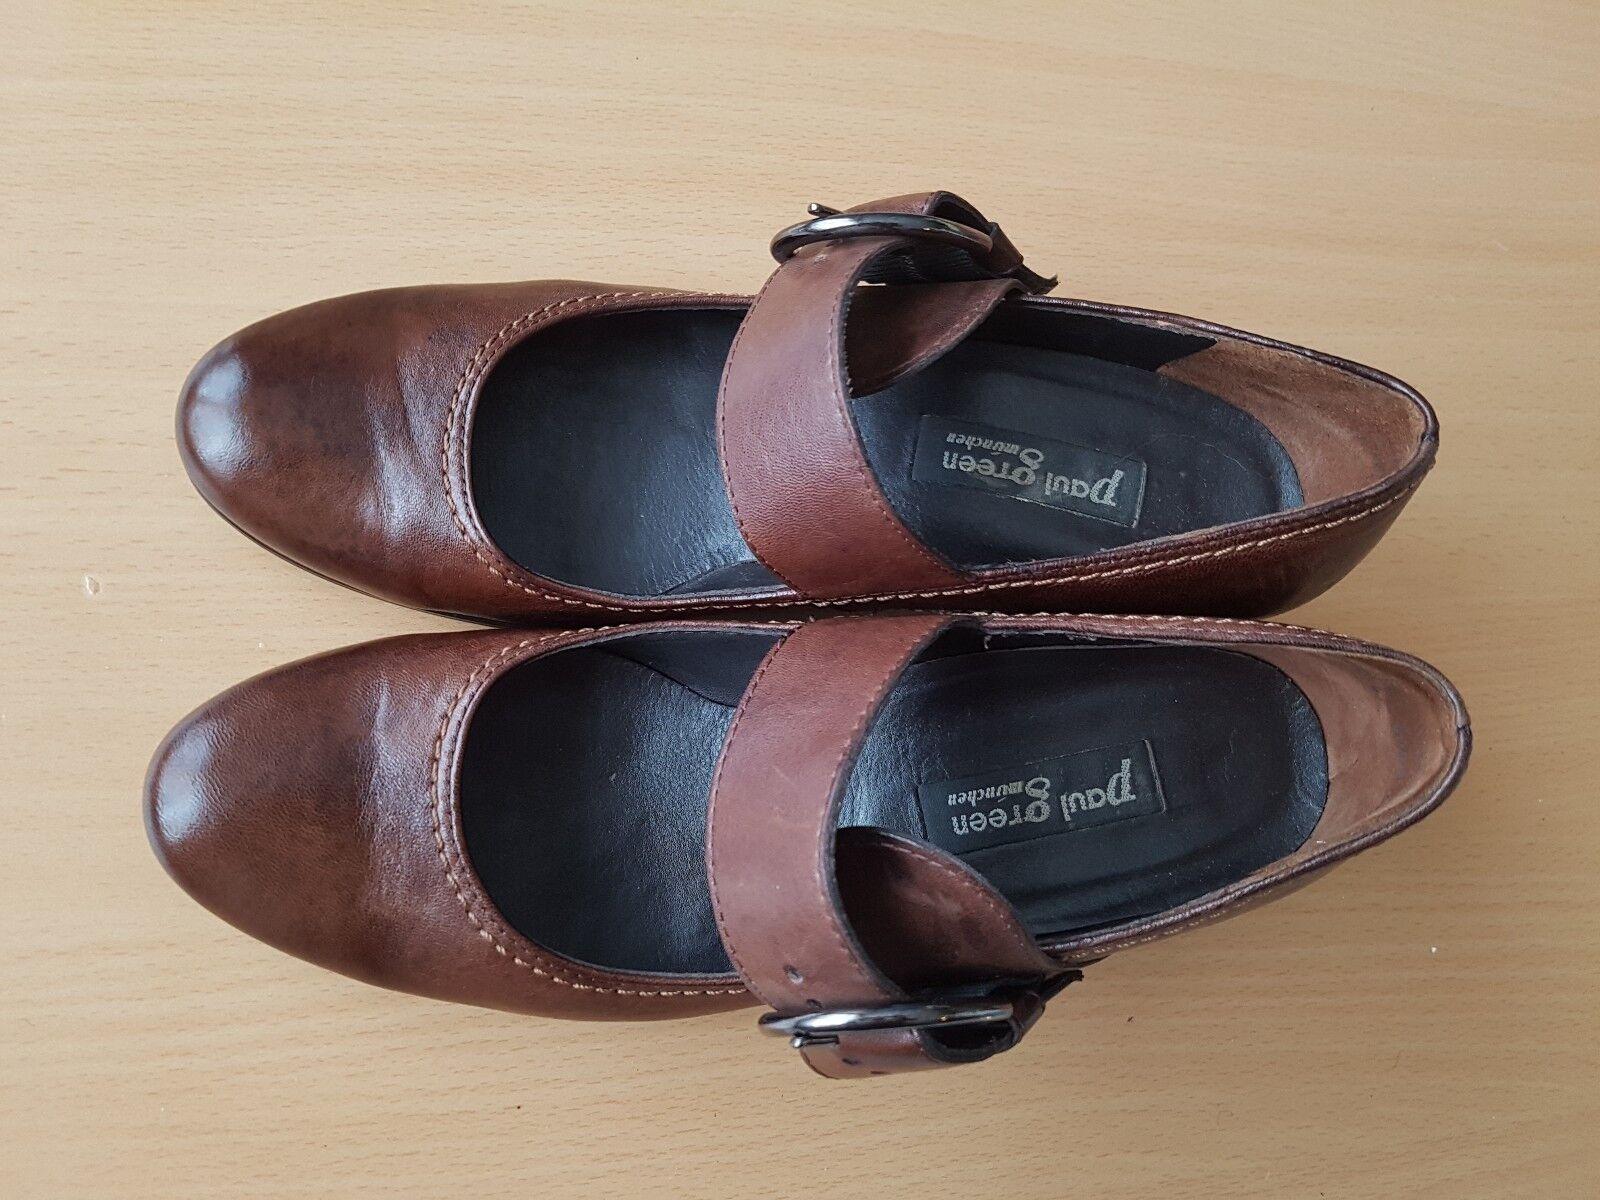 Paul Green Pumps Sandale Damen Schuhe dunkel braun Leder Gr. 5 / 38 Top